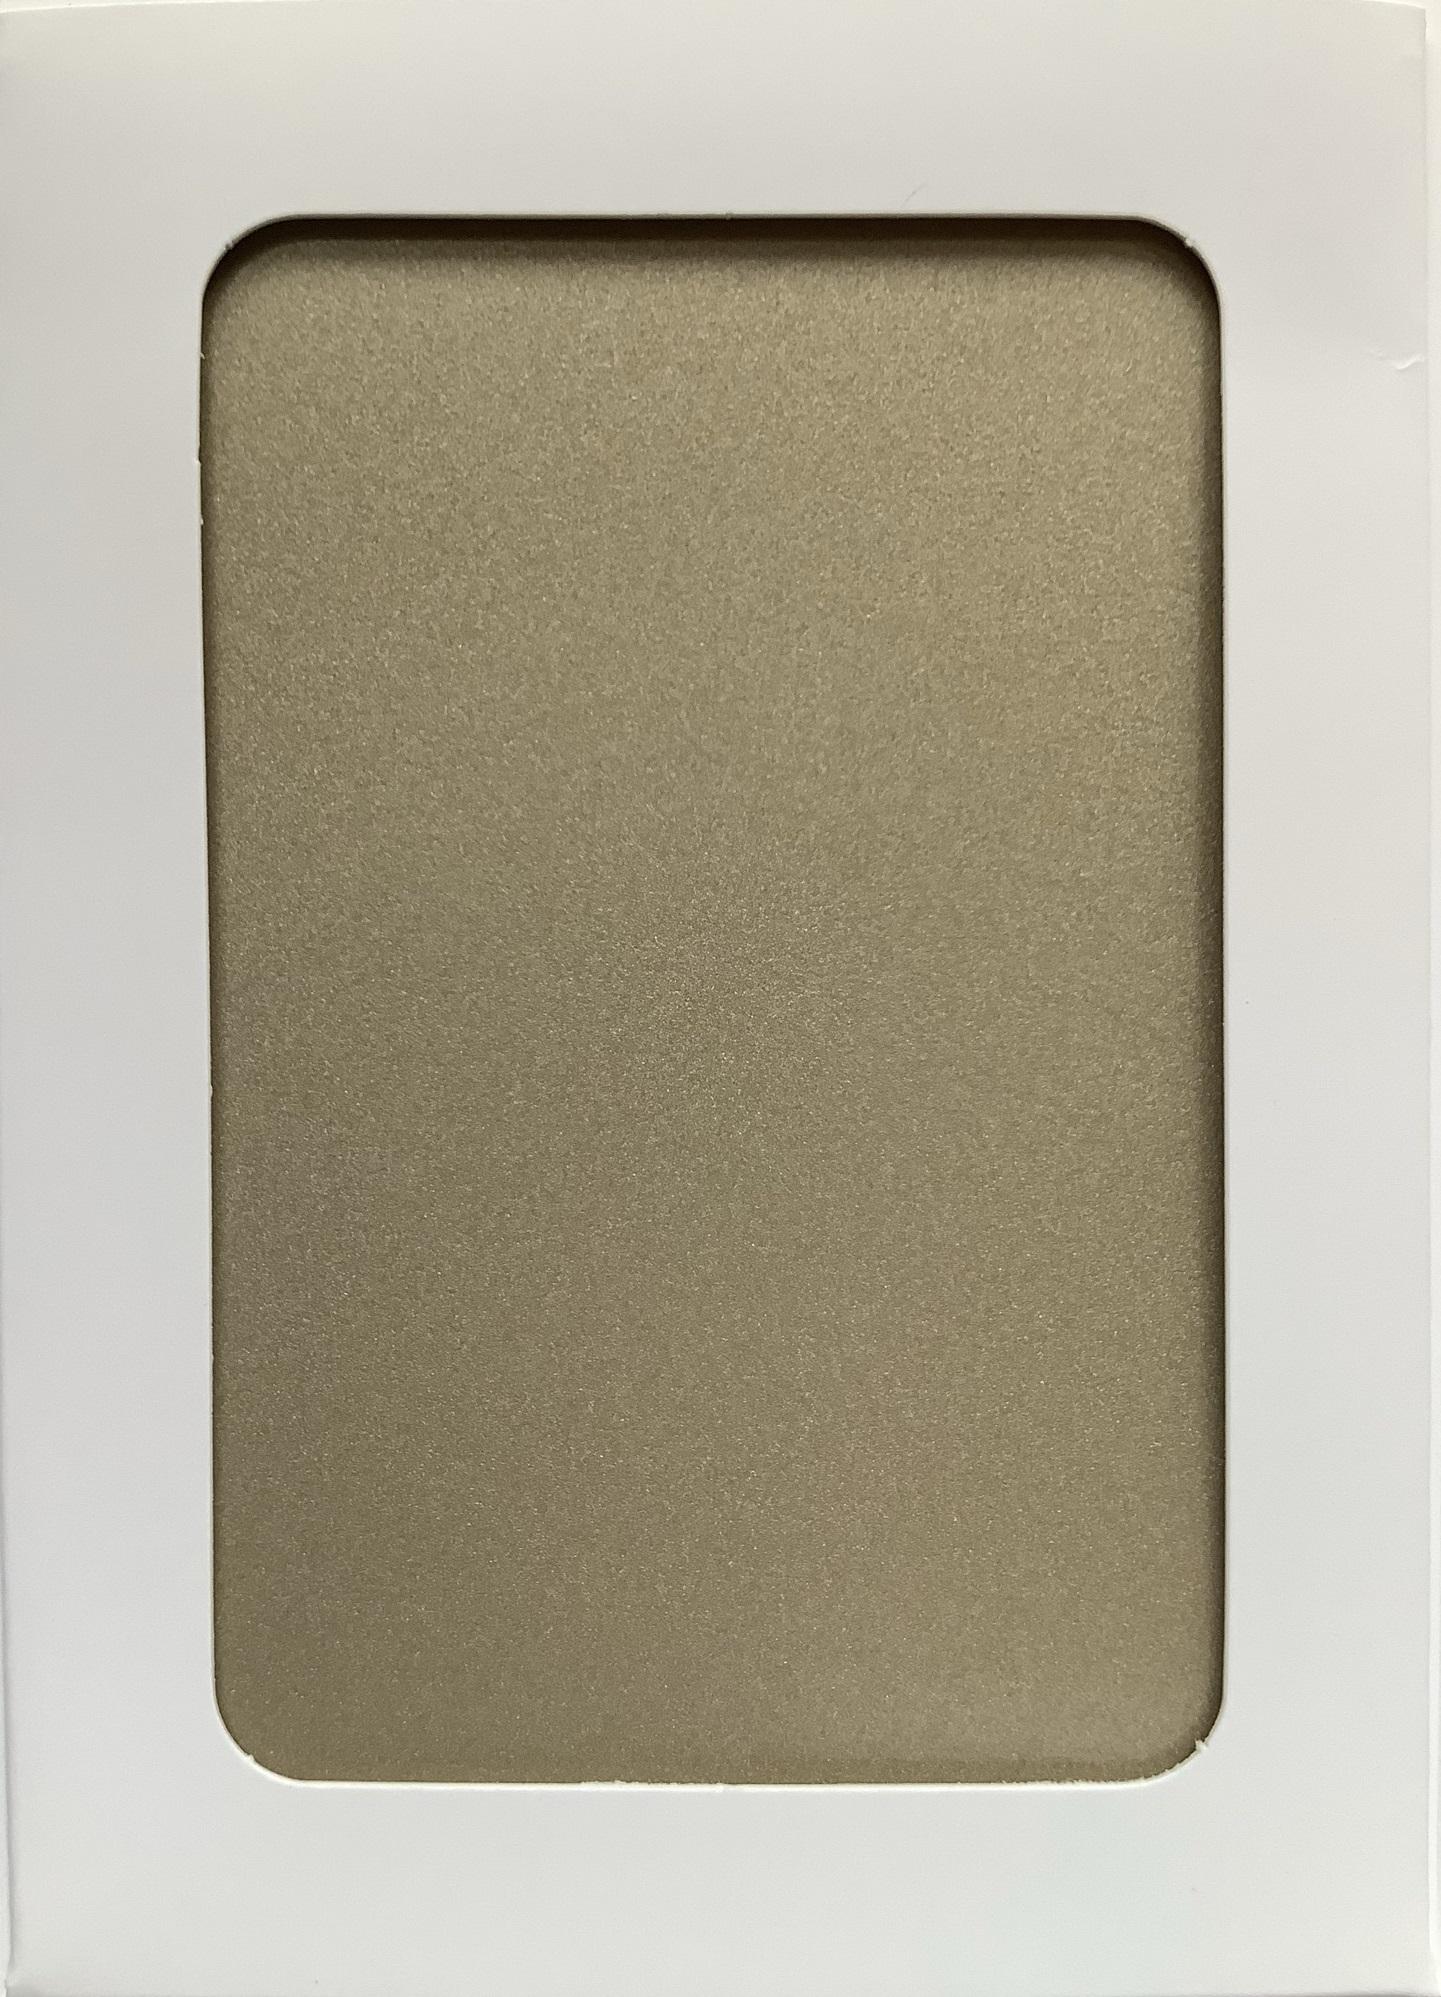 Greencoat PLX Pural BT – Metallic Gold